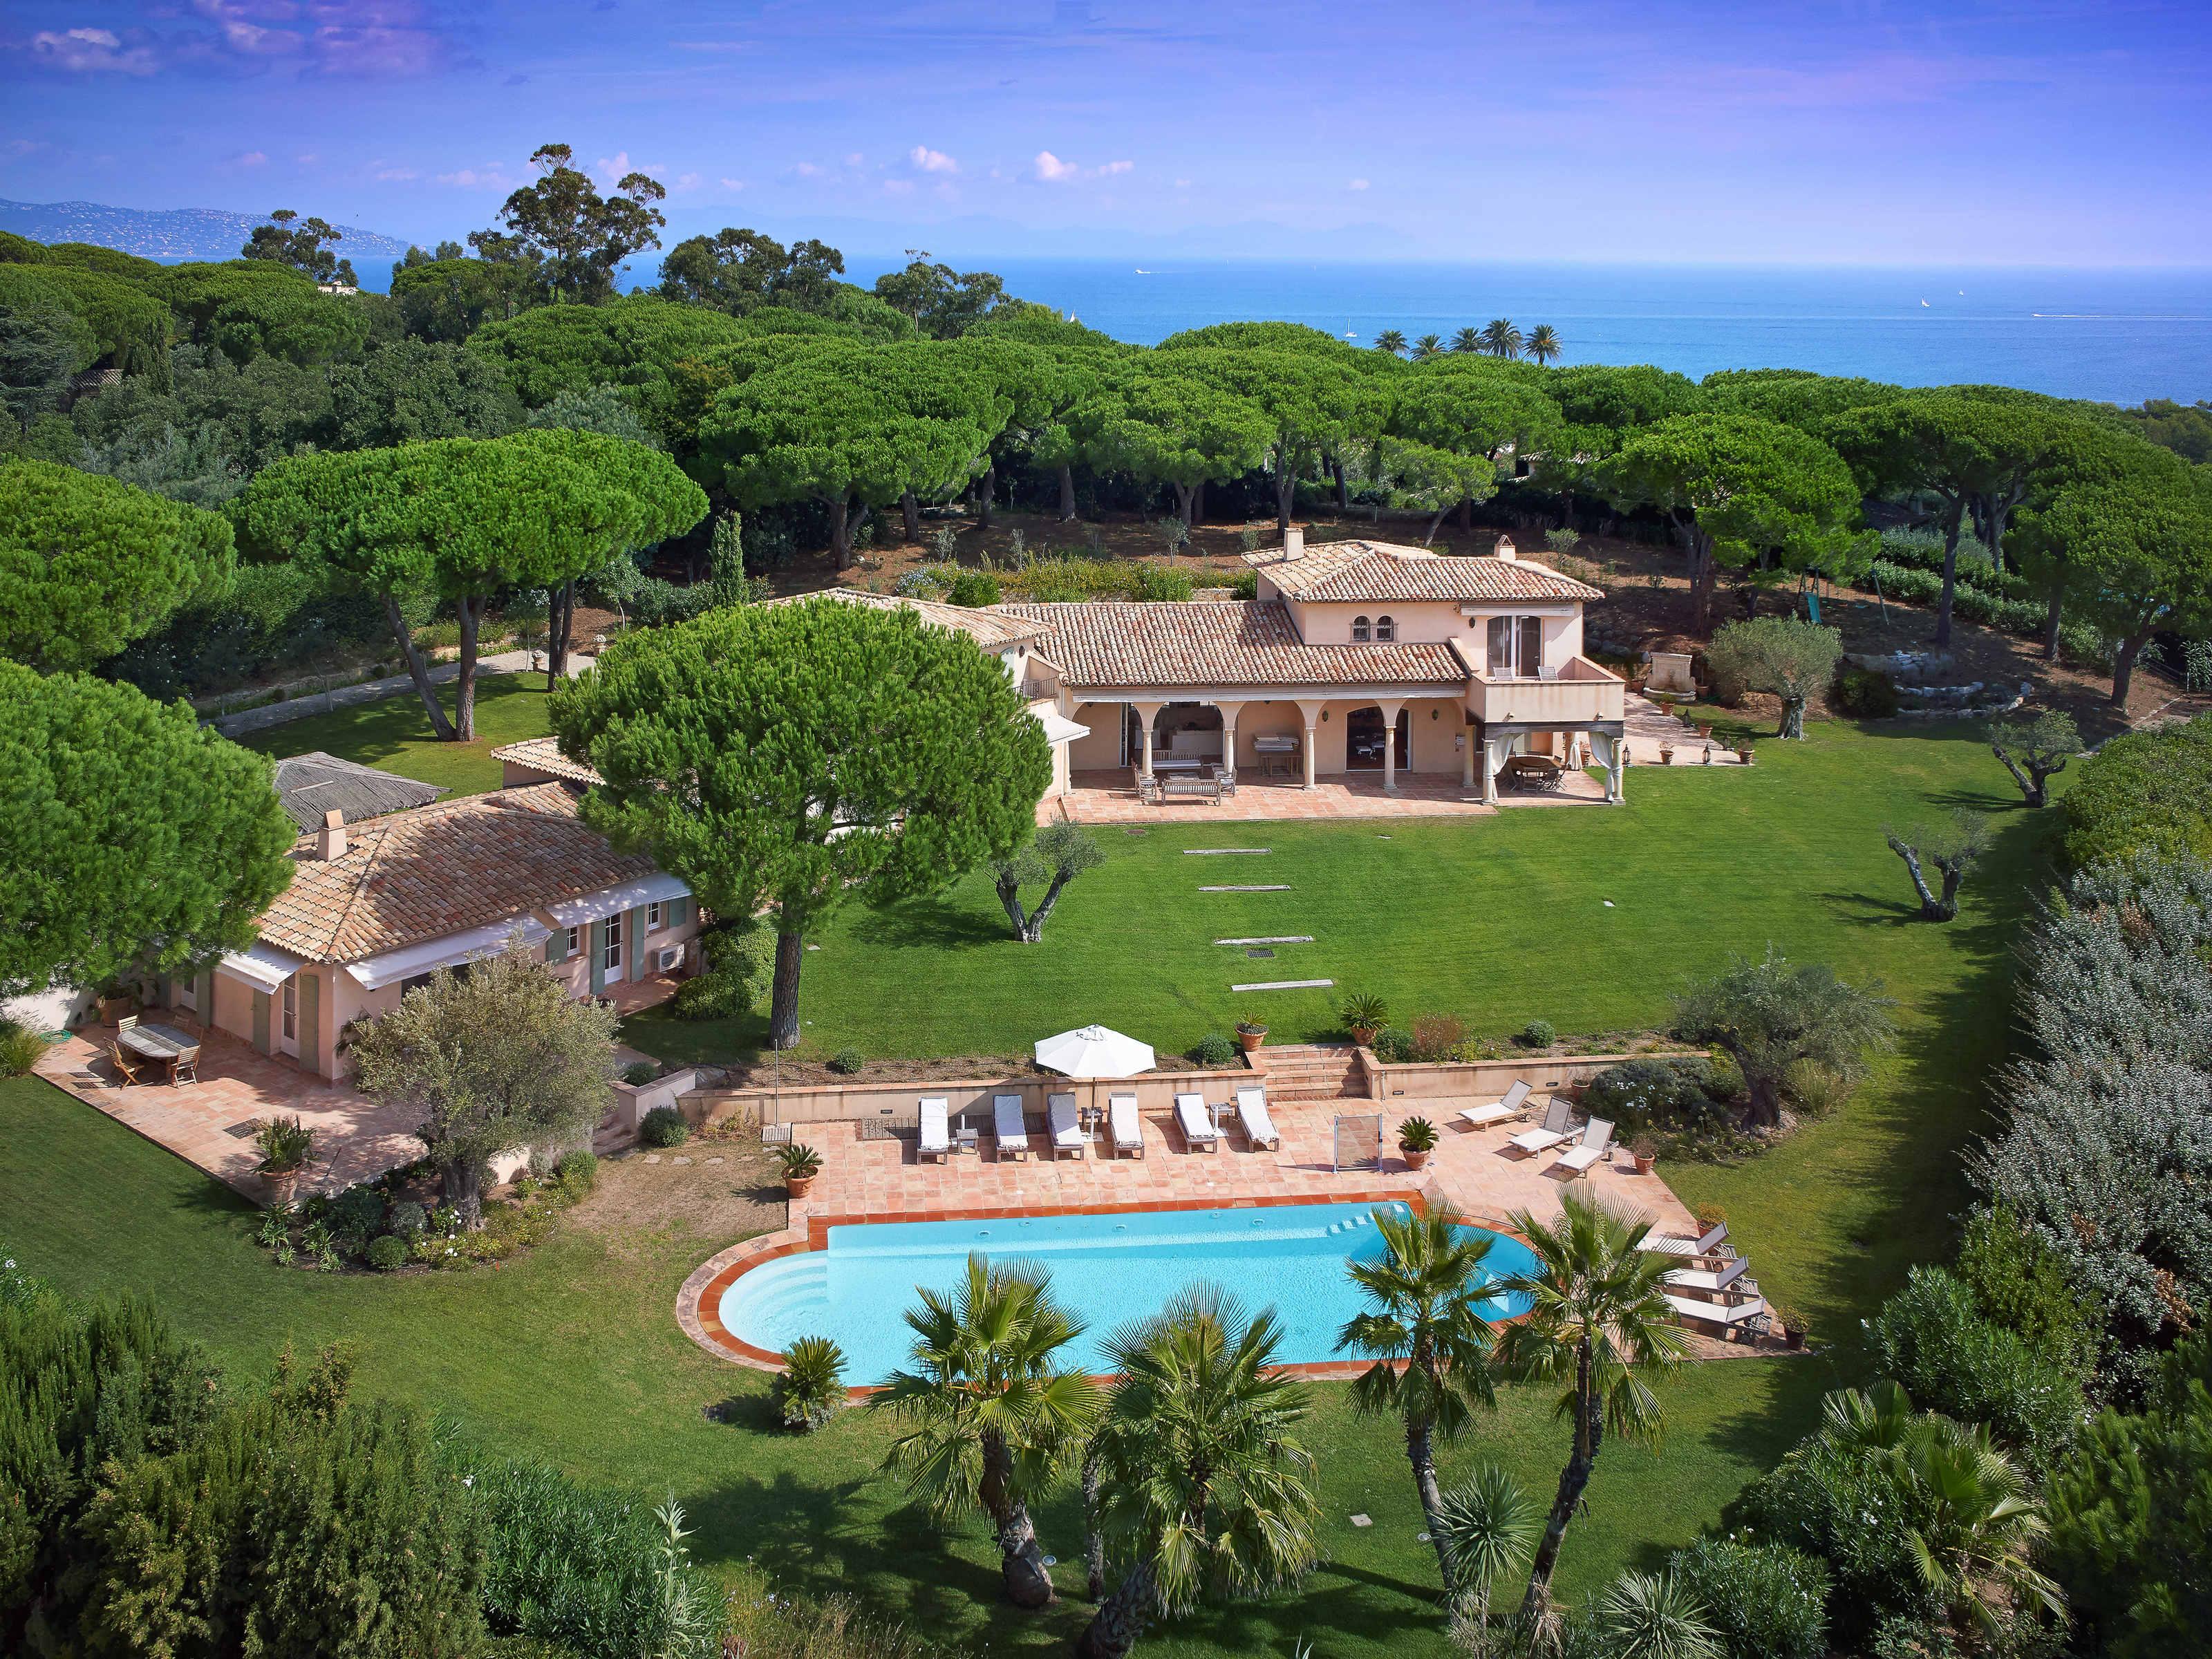 Single Family Home for Sale at Neo provencal Style property in Les Parcs de Saint-Tropez Saint Tropez, Provence-Alpes-Cote D'Azur 83990 France